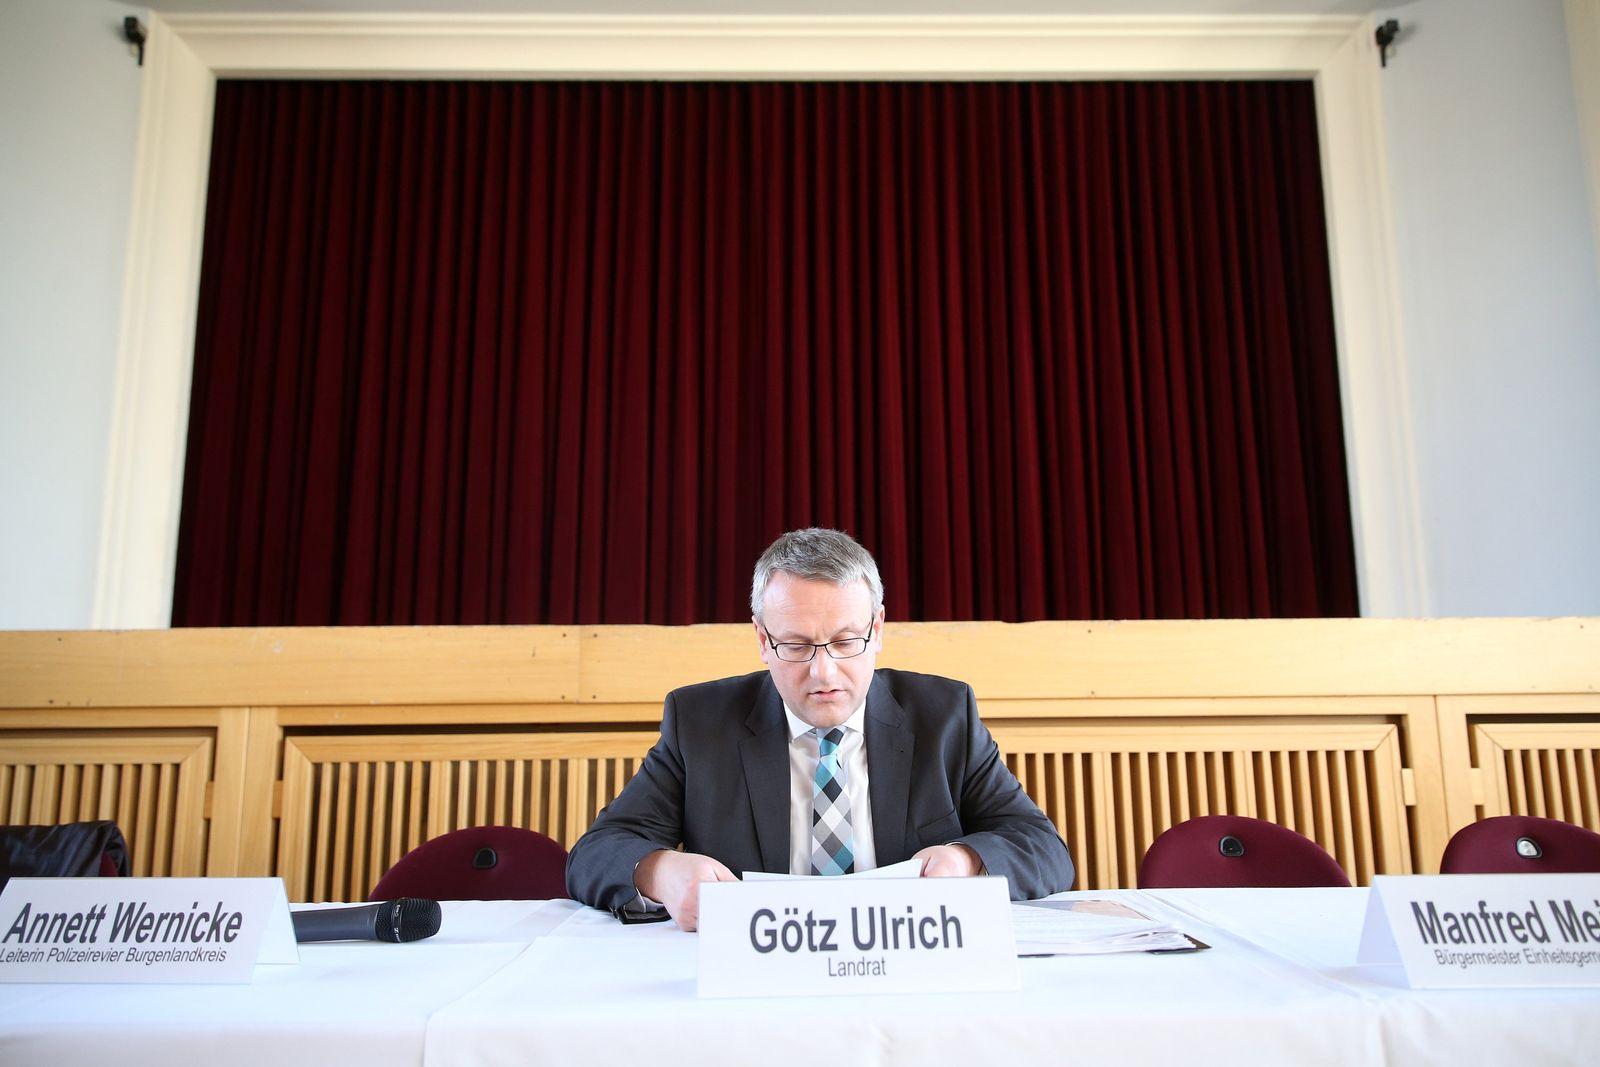 Tröglitz: Landrat Götz Ulrich